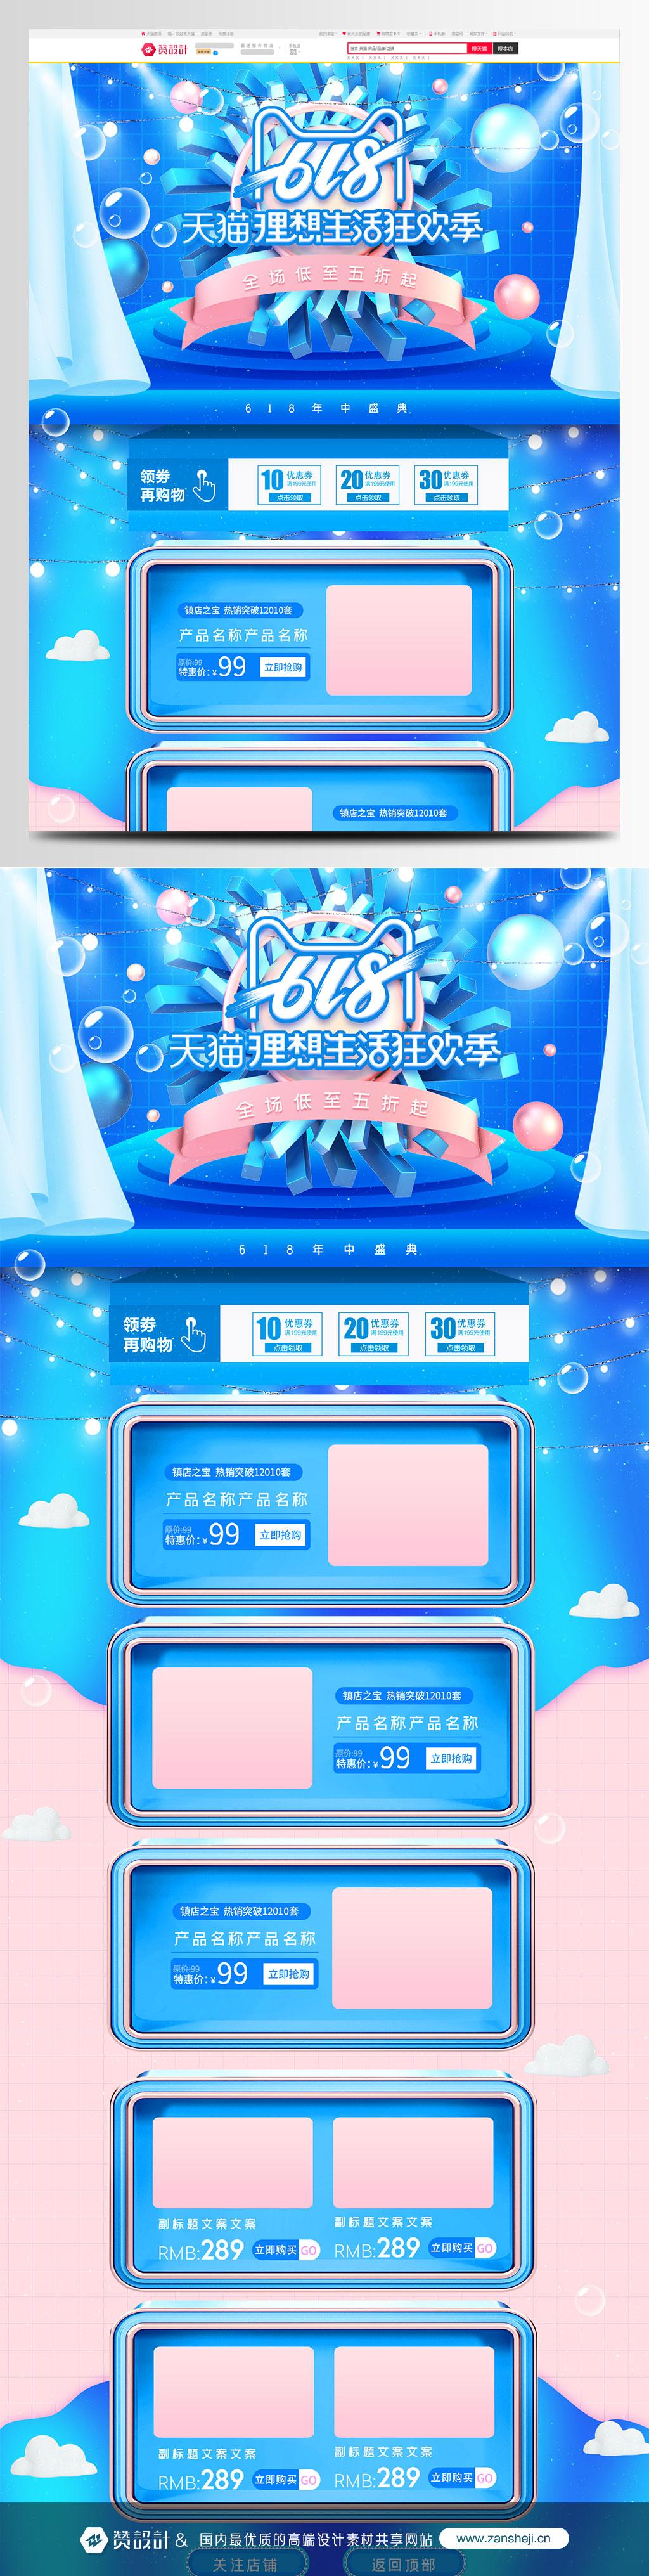 95蓝粉色立体炫光618美妆年中大促首页